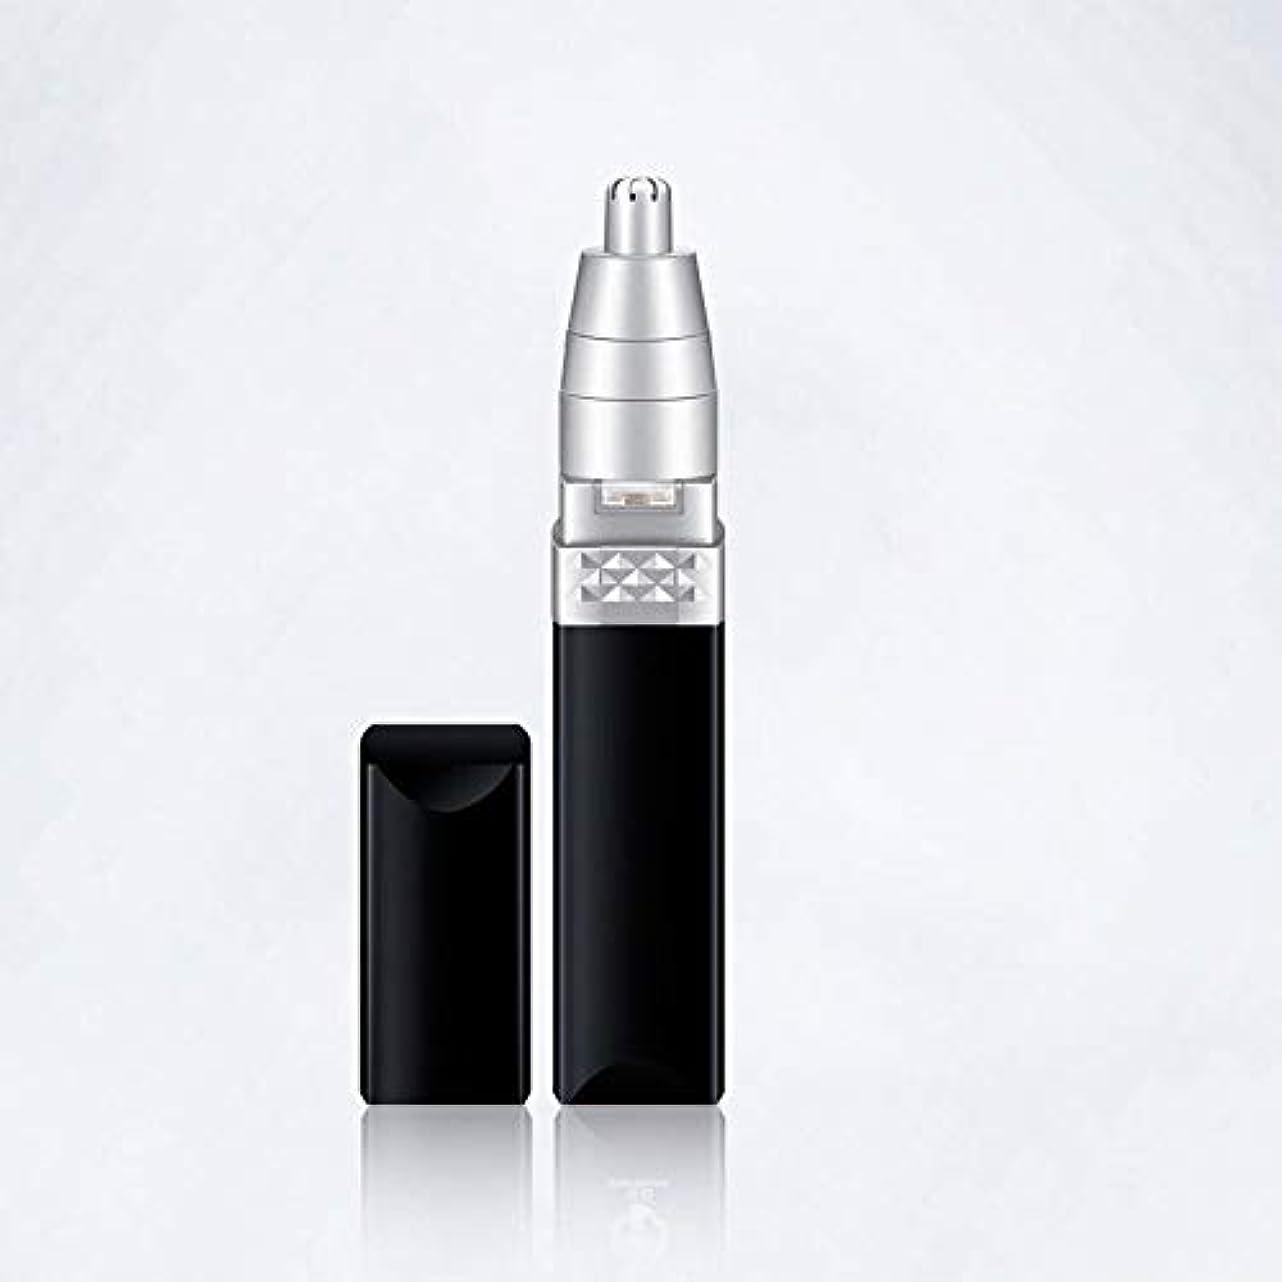 消化釈義ドレスノーズヘアトリマー-電気トリムヘッドは持ち運びが簡単で、/皮膚を傷つけません/赤外線デザインコンパクトで軽量な隠しスイッチ/持ち運びが簡単な取り外し可能なボディ/ 24 * 26 * 107CM ユニークで斬新